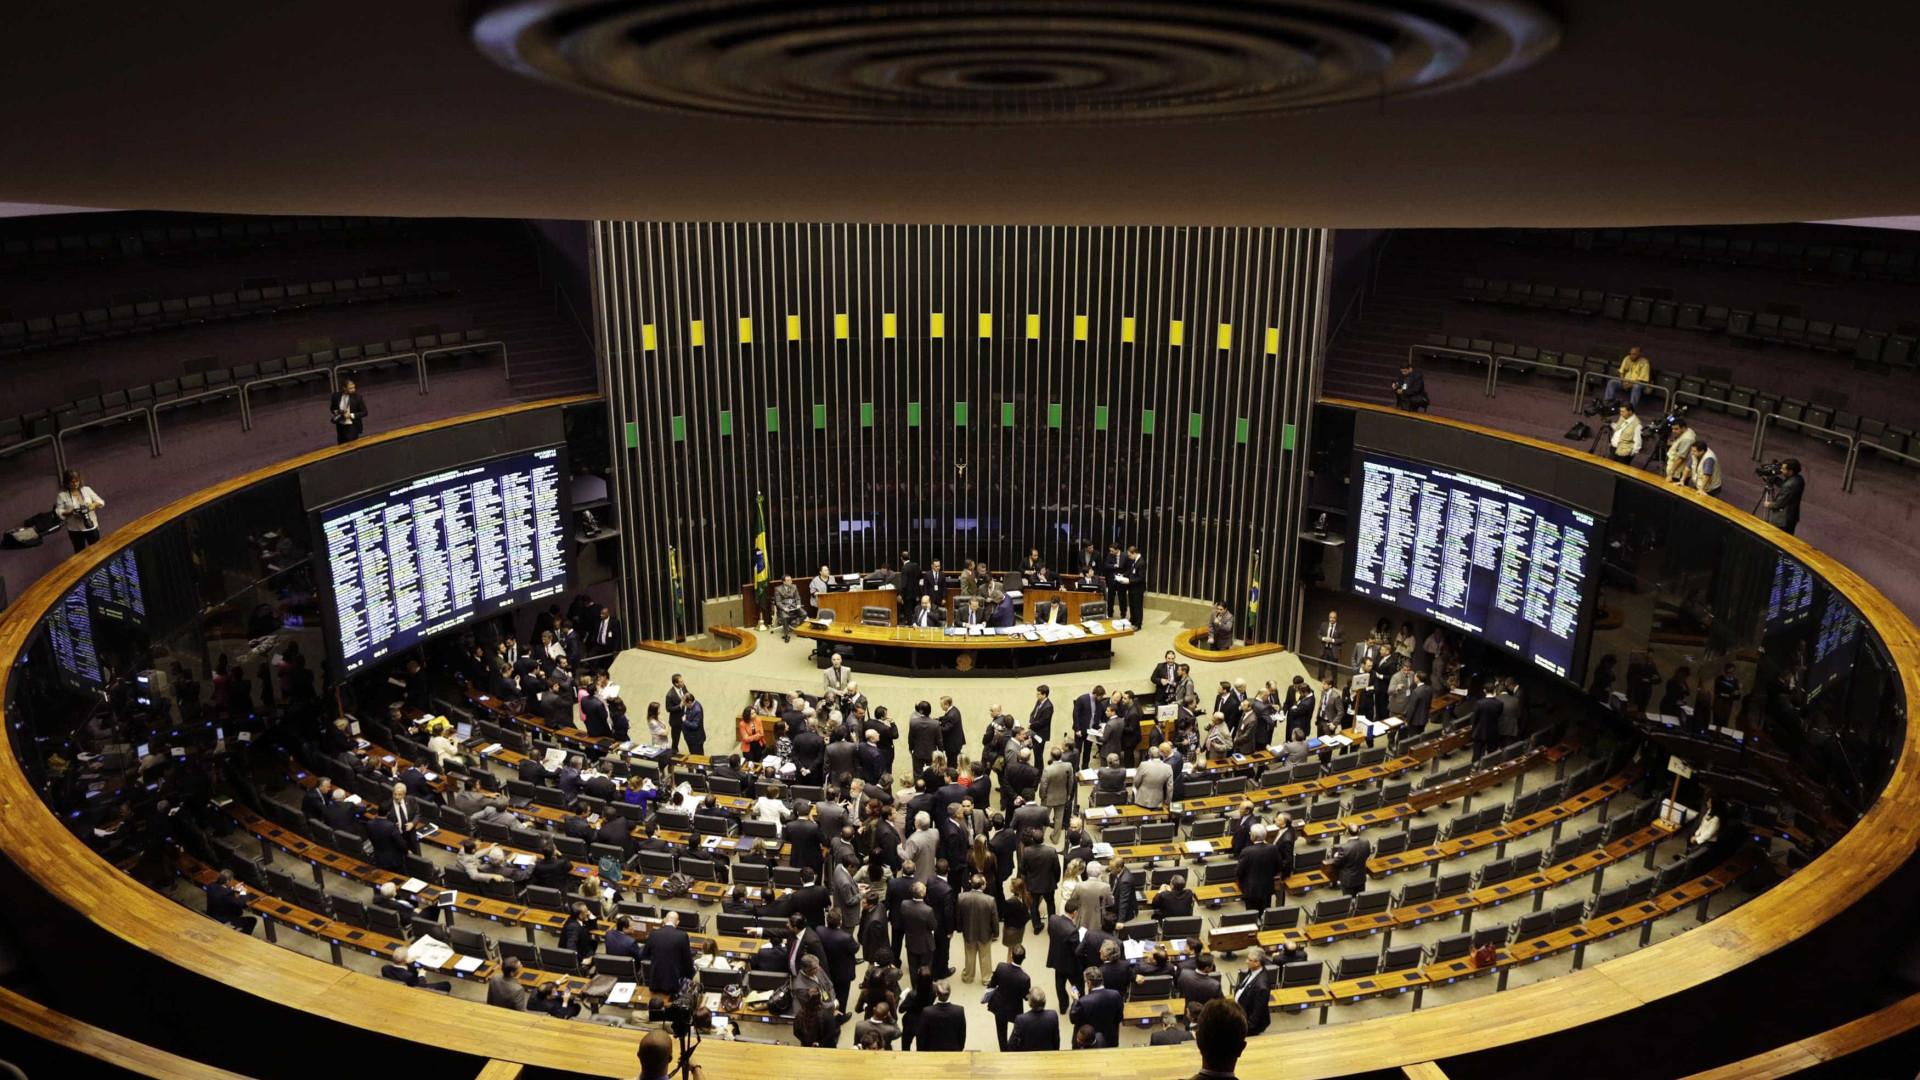 Pressionado no Congresso, governo avalia lotear cargos no 2º escalão